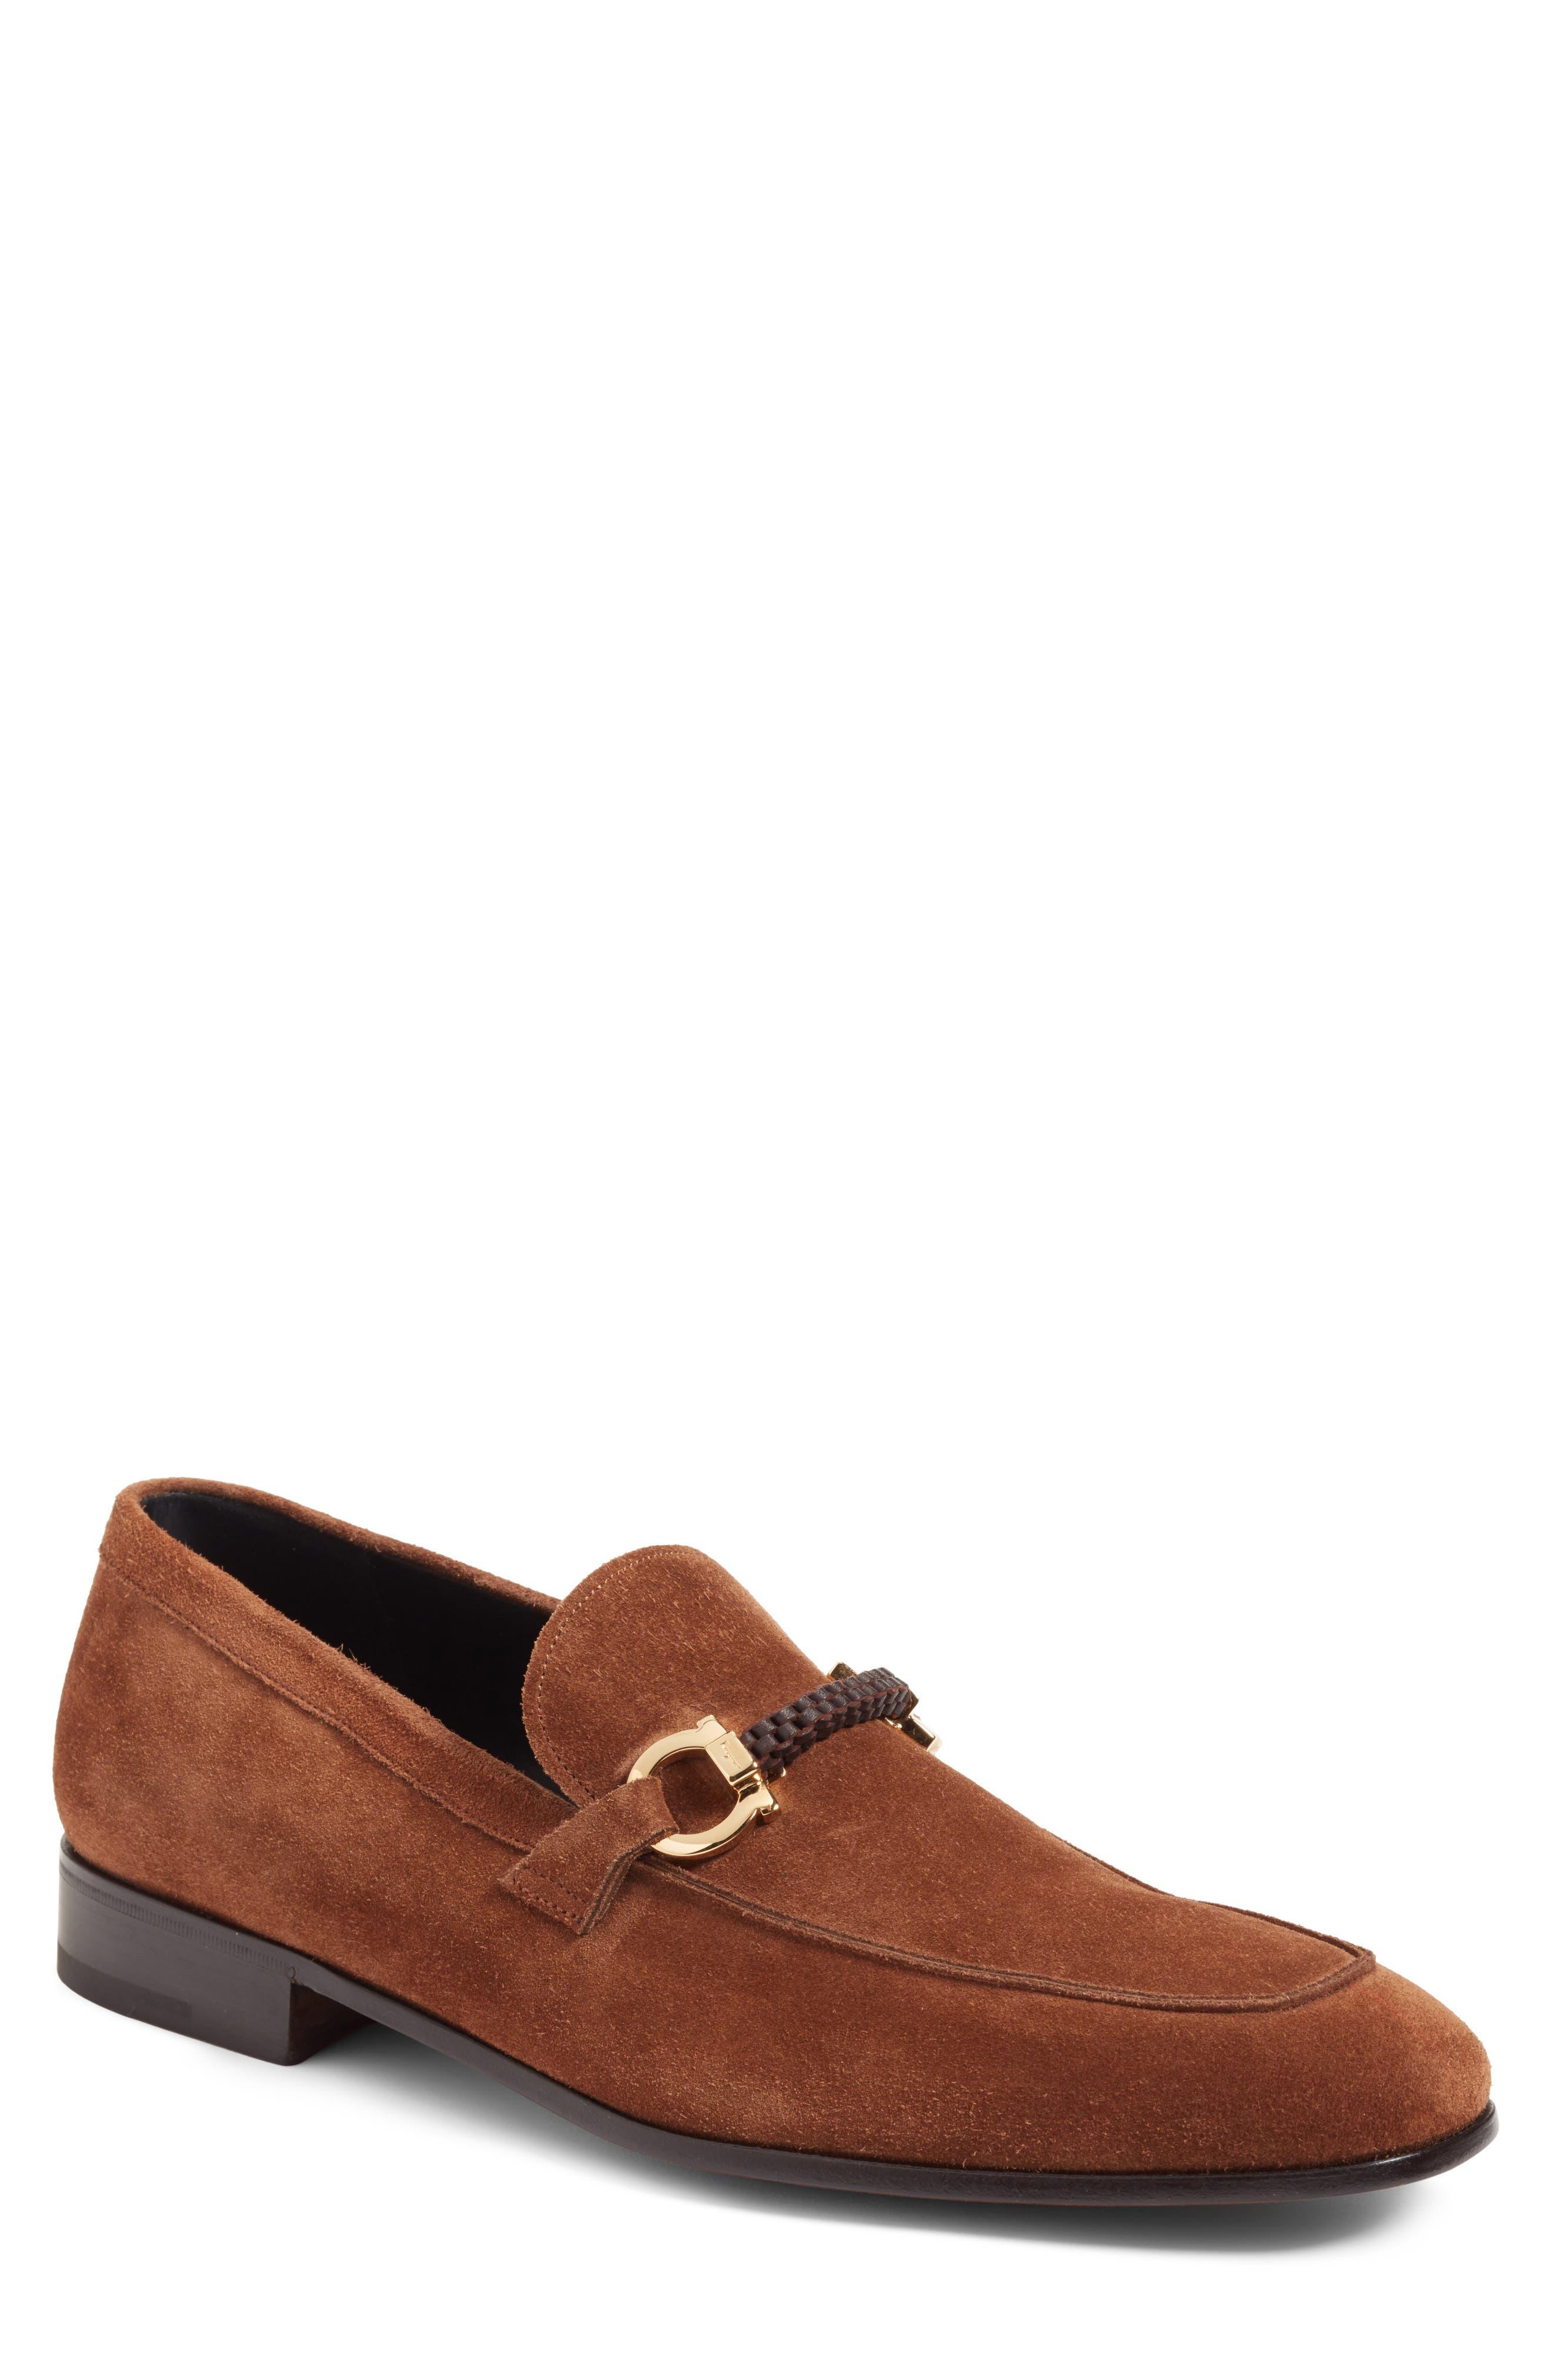 Cross Bit Loafer,                         Main,                         color, 216